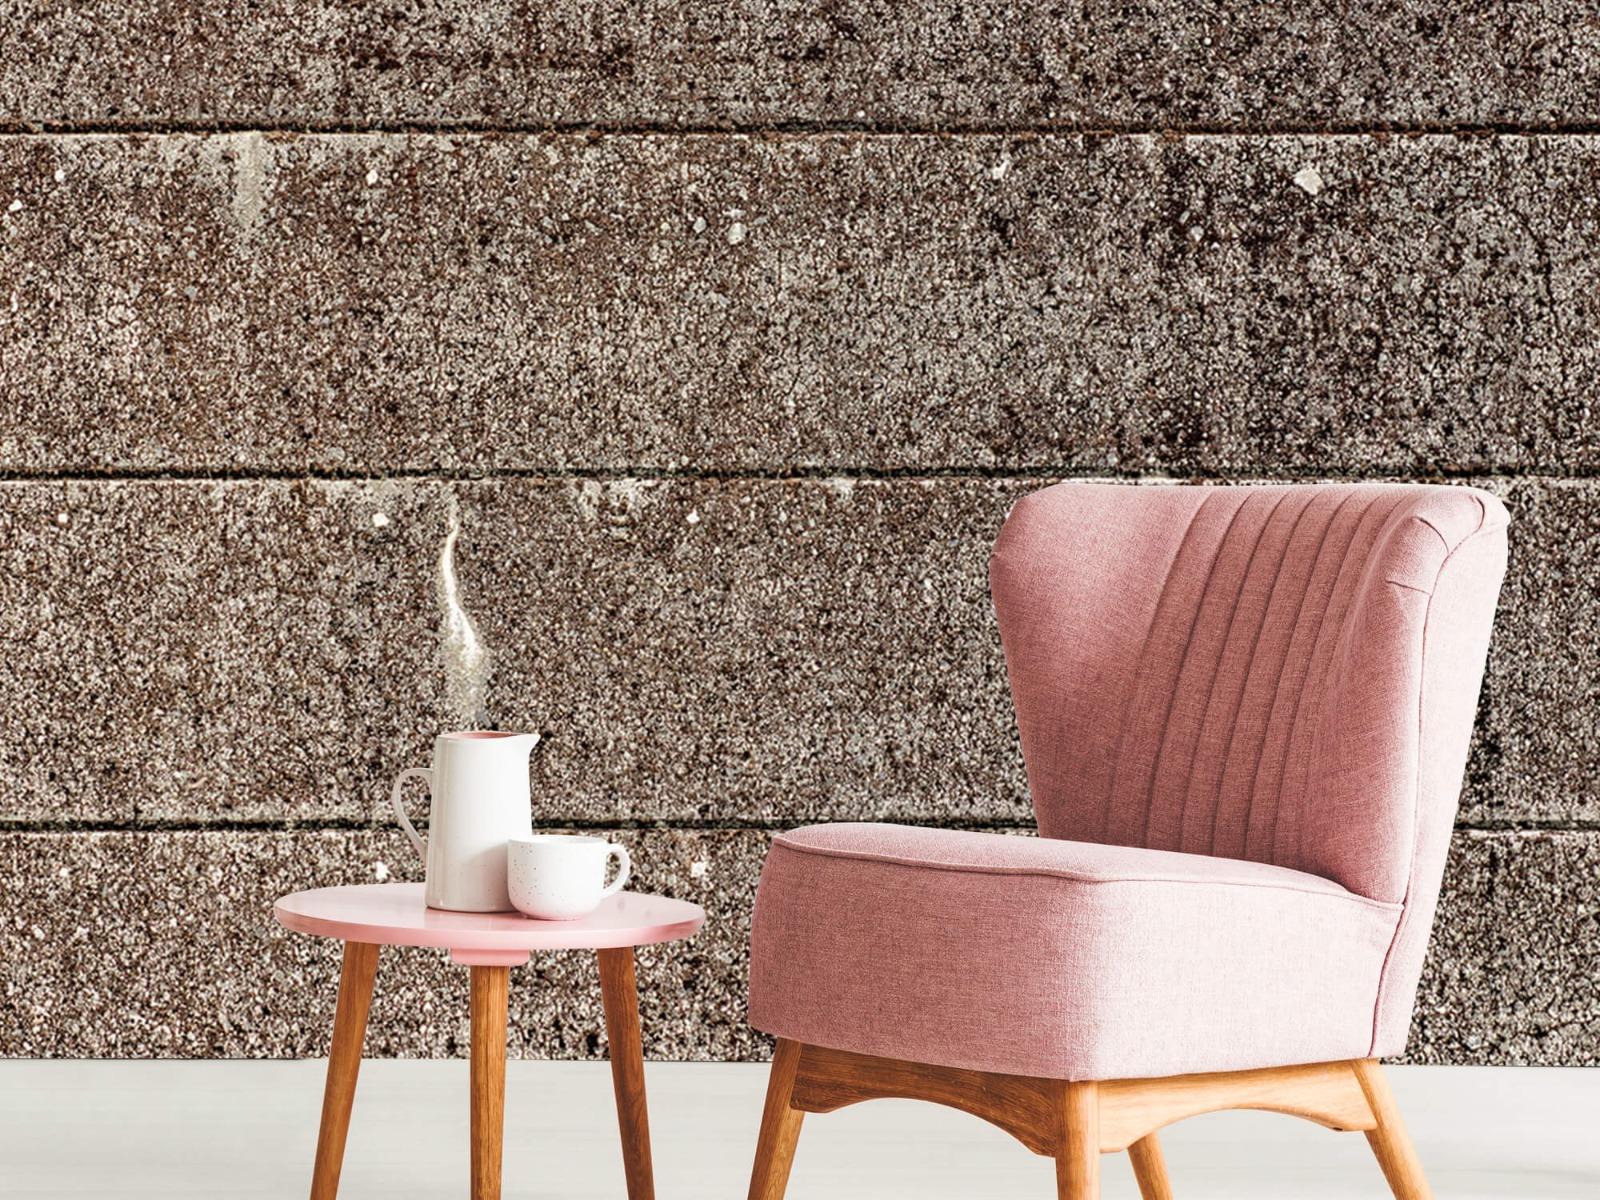 Steen behang - Oude betonnen damwand - Tienerkamer 10